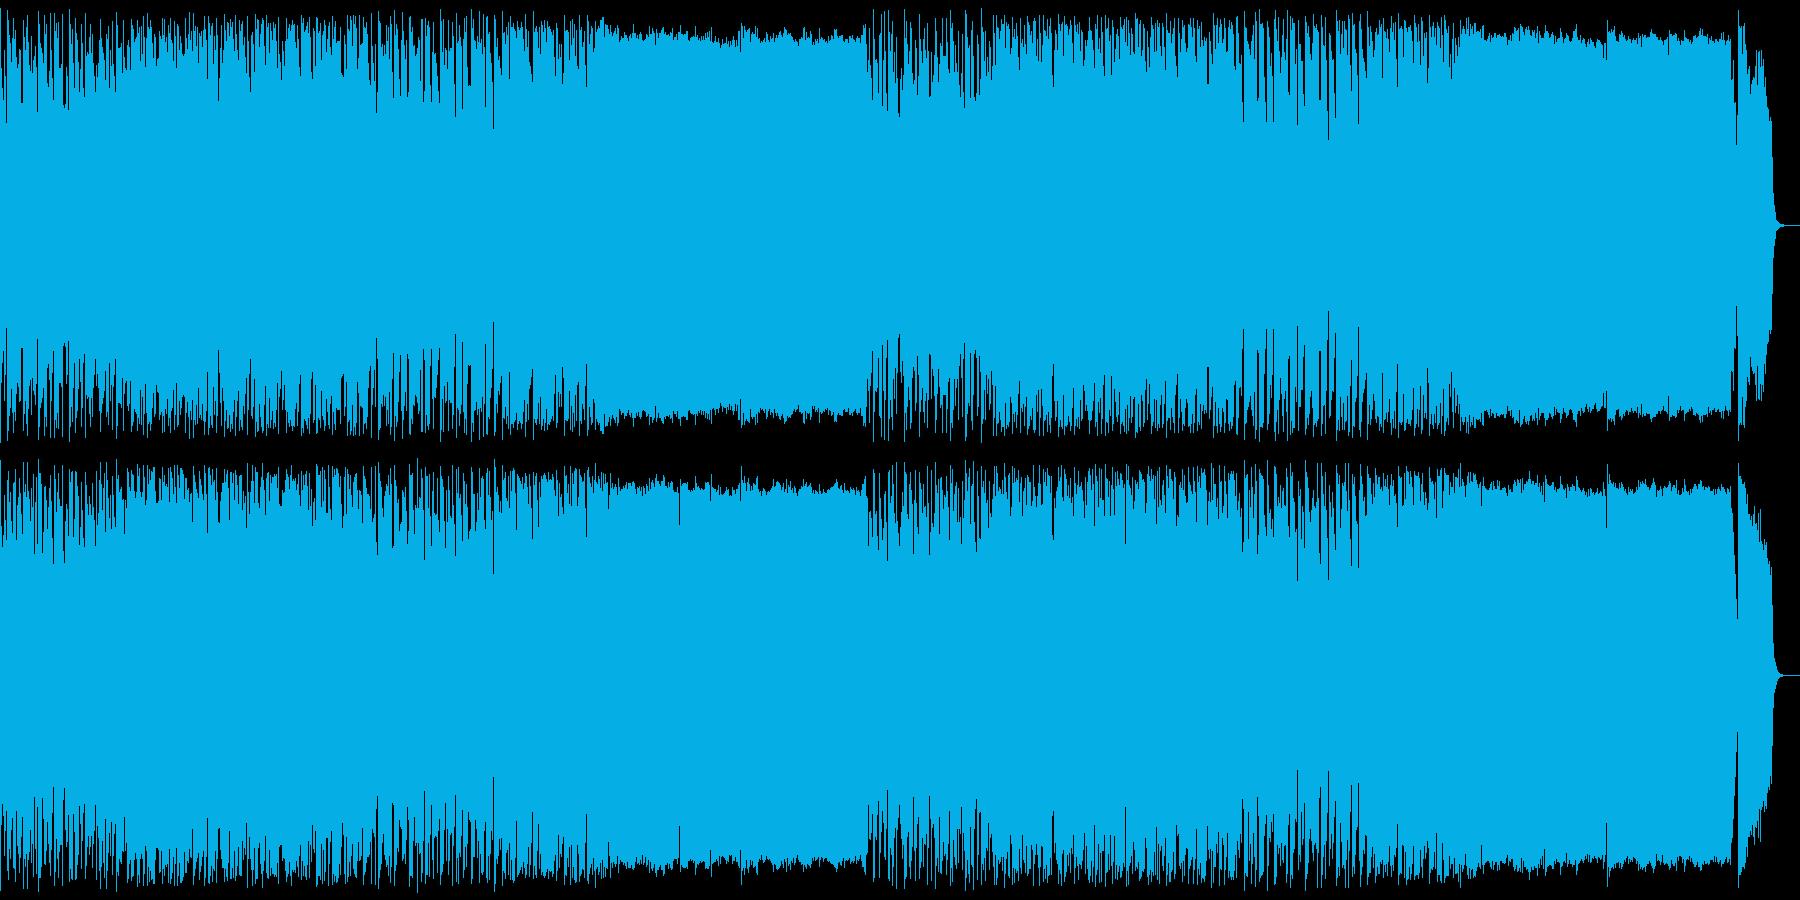 ダークファンタジー風デジタルオーケストラの再生済みの波形